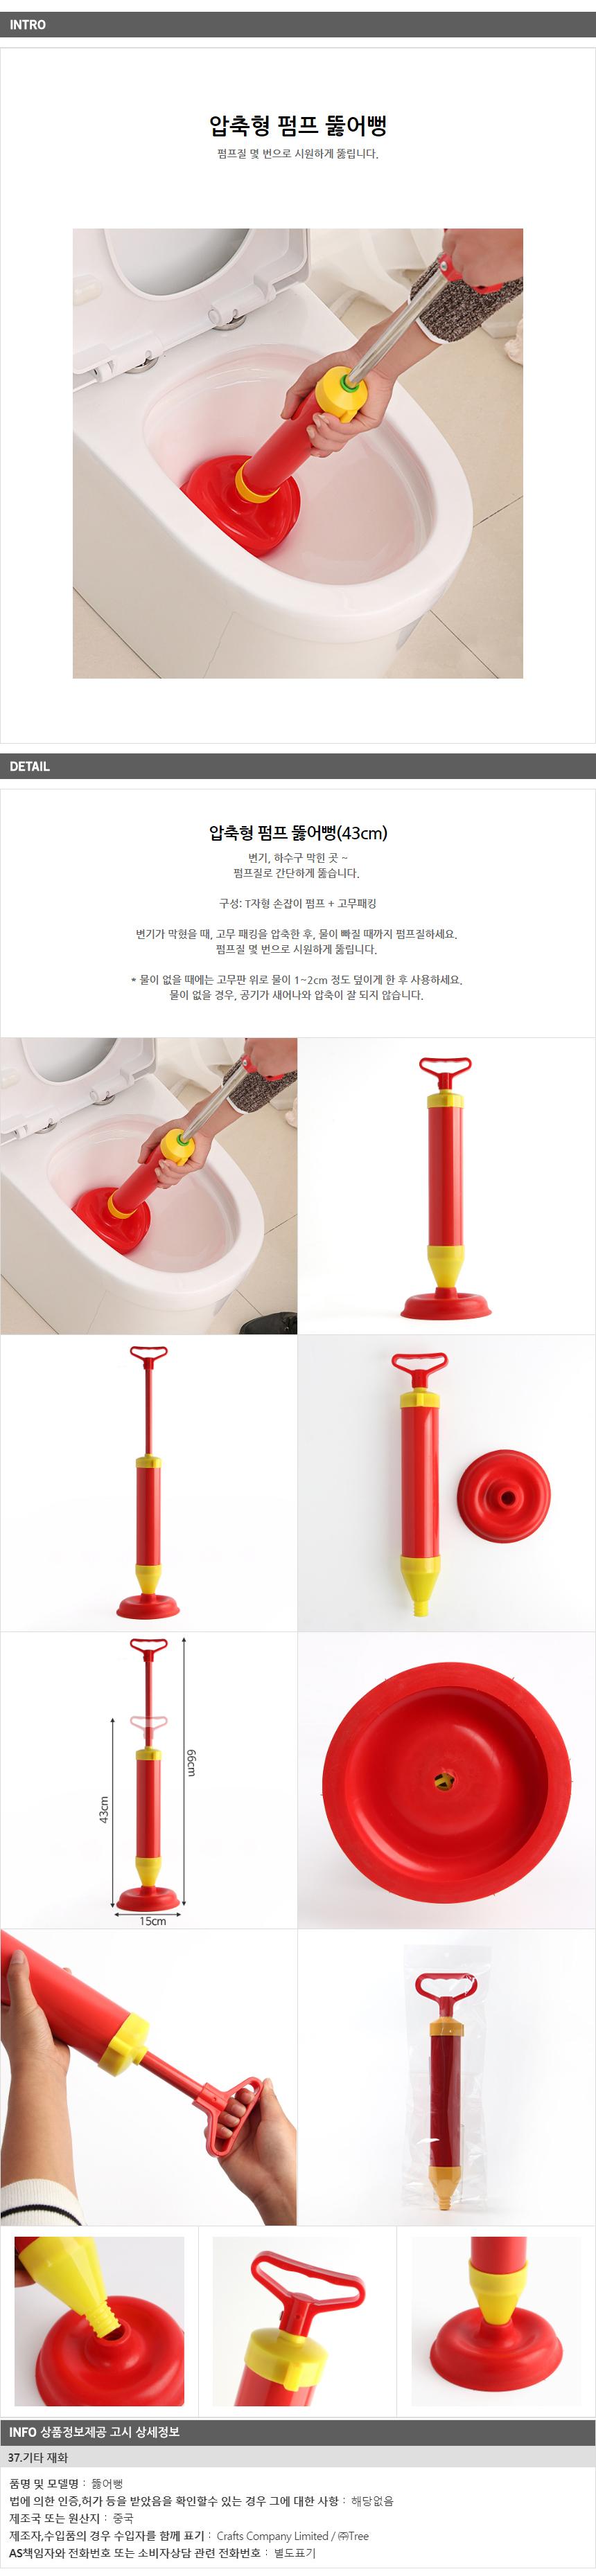 압축형 펌프 뚫어뻥/화장실 변기뚫어뻥 하수구 뚜러뻥 - 기프트갓, 4,950원, 정리용품/청소, 욕실청소용품